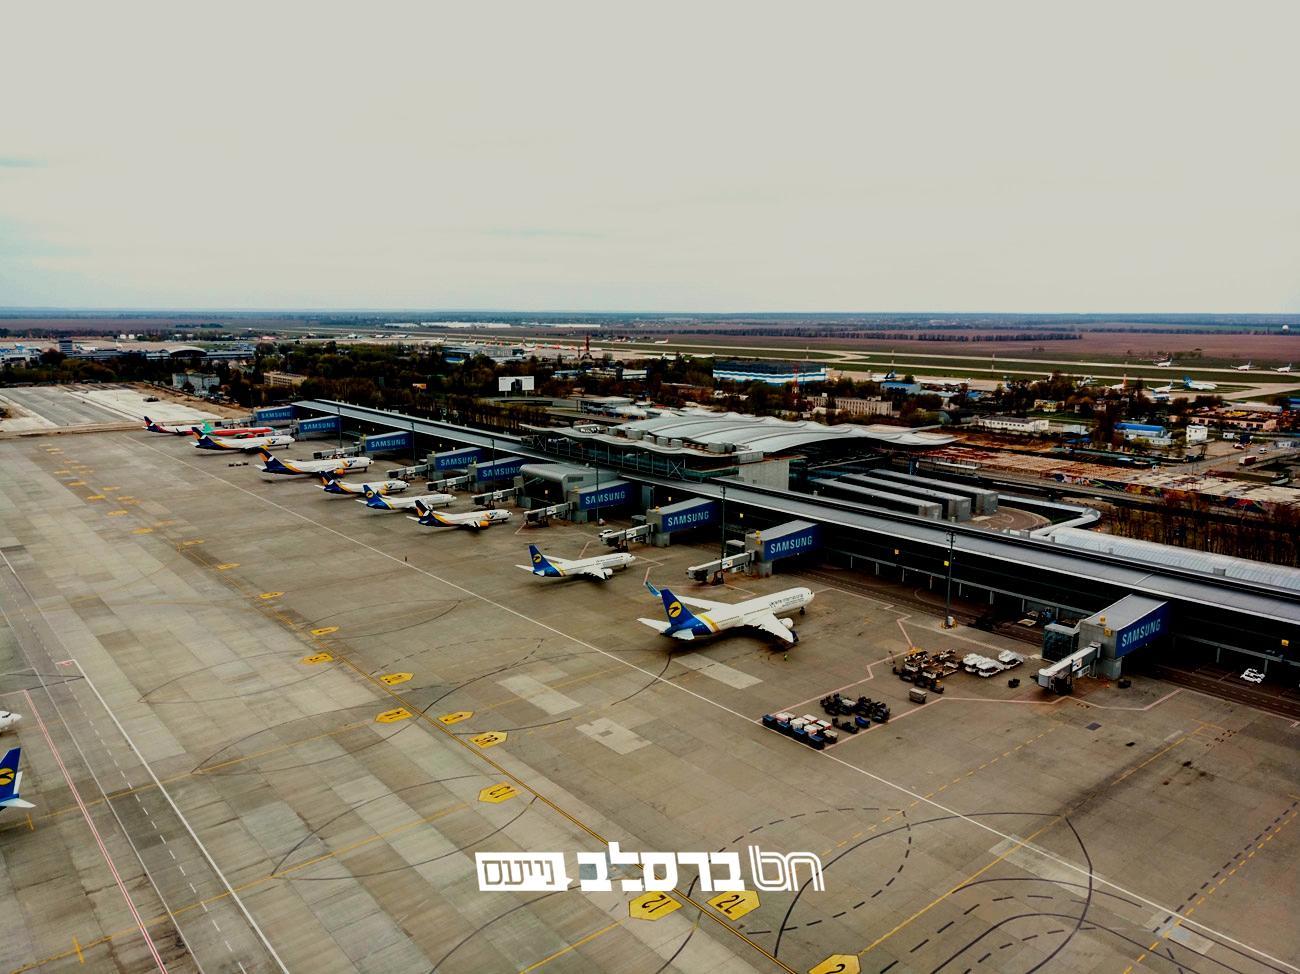 צפו • תיעוד לא שגרתי: כך נראה שדה התעופה בקייב בימי הקורונה…